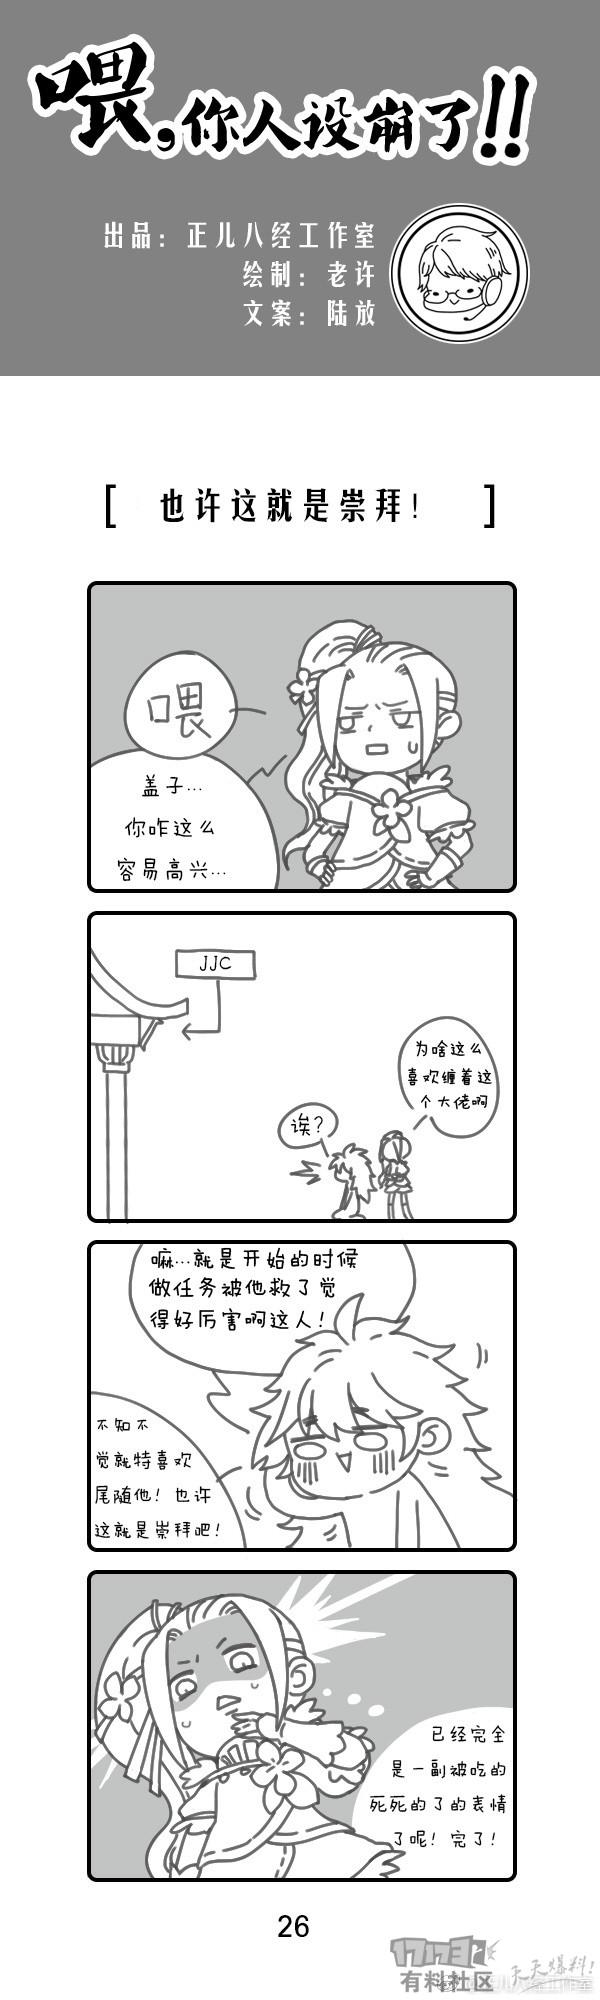 2 (17).jpg